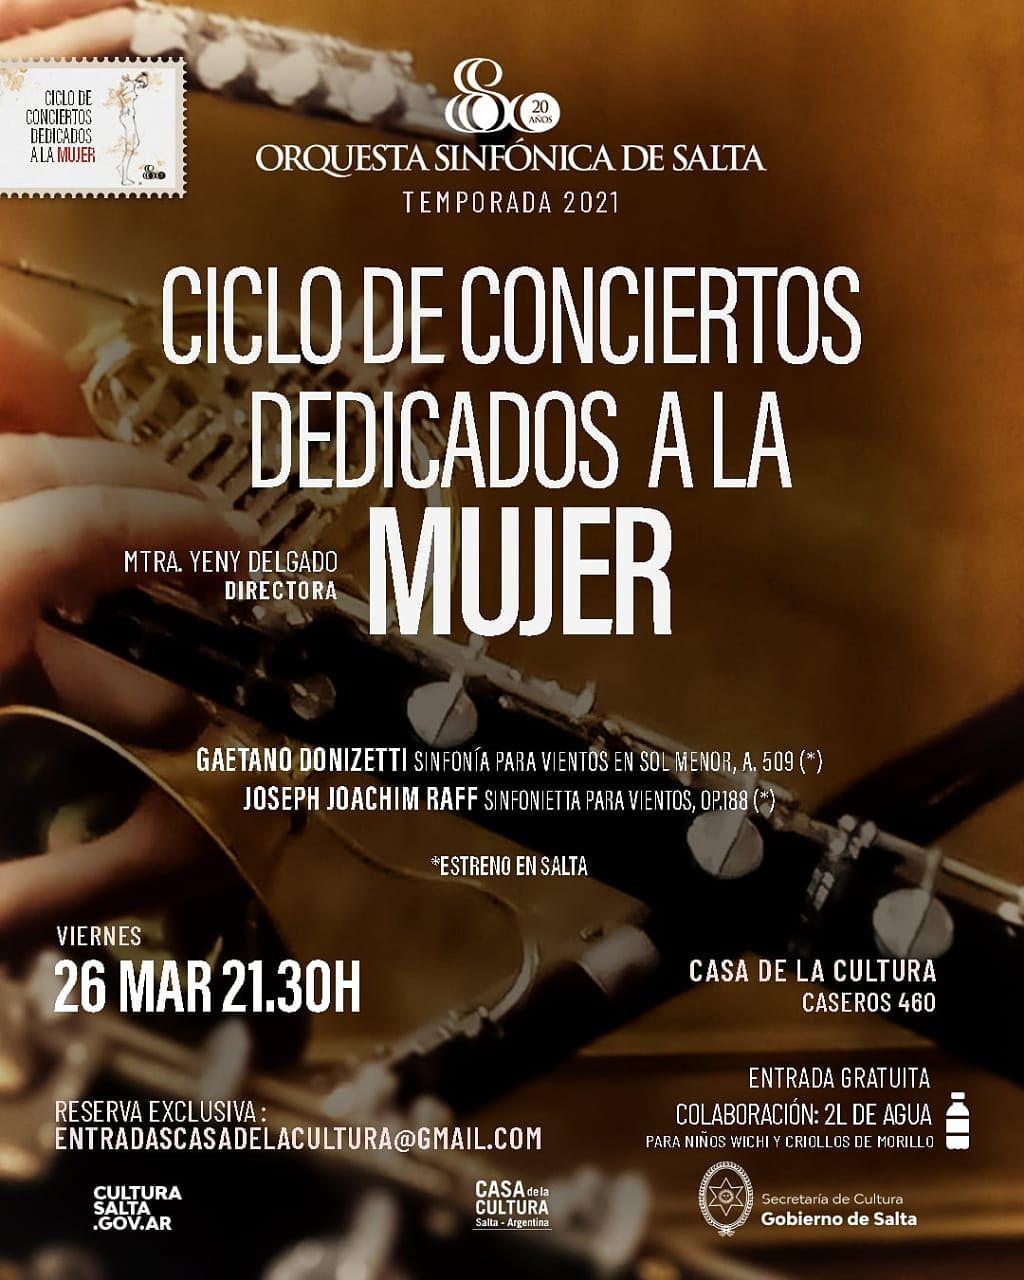 El espectáculo es este viernes 26 de marzo a las 21.30 en la Casa de la Cultura.